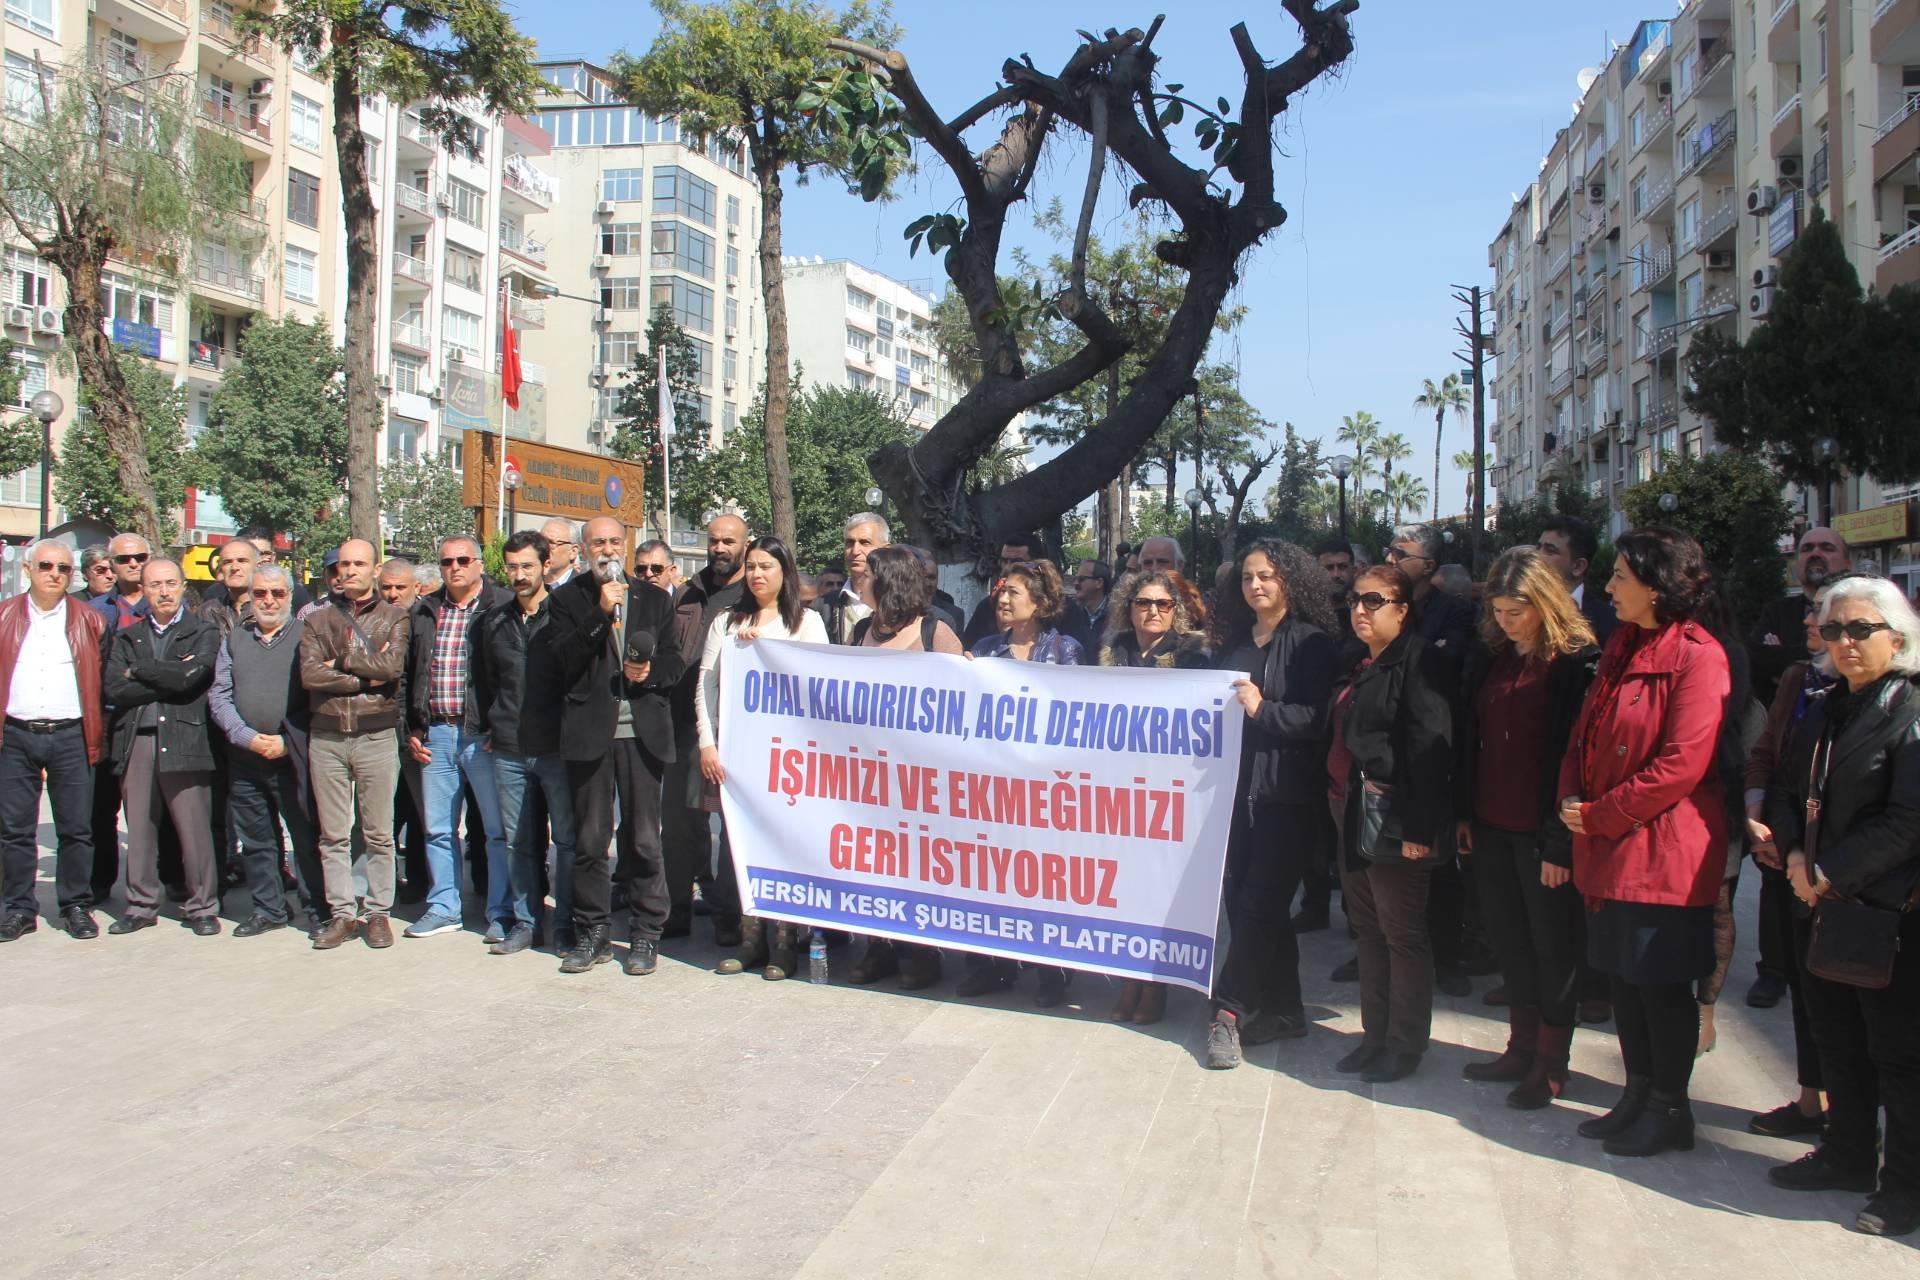 KESK Mersin Şubeler Platformu: OHAL Kaldırılsın!